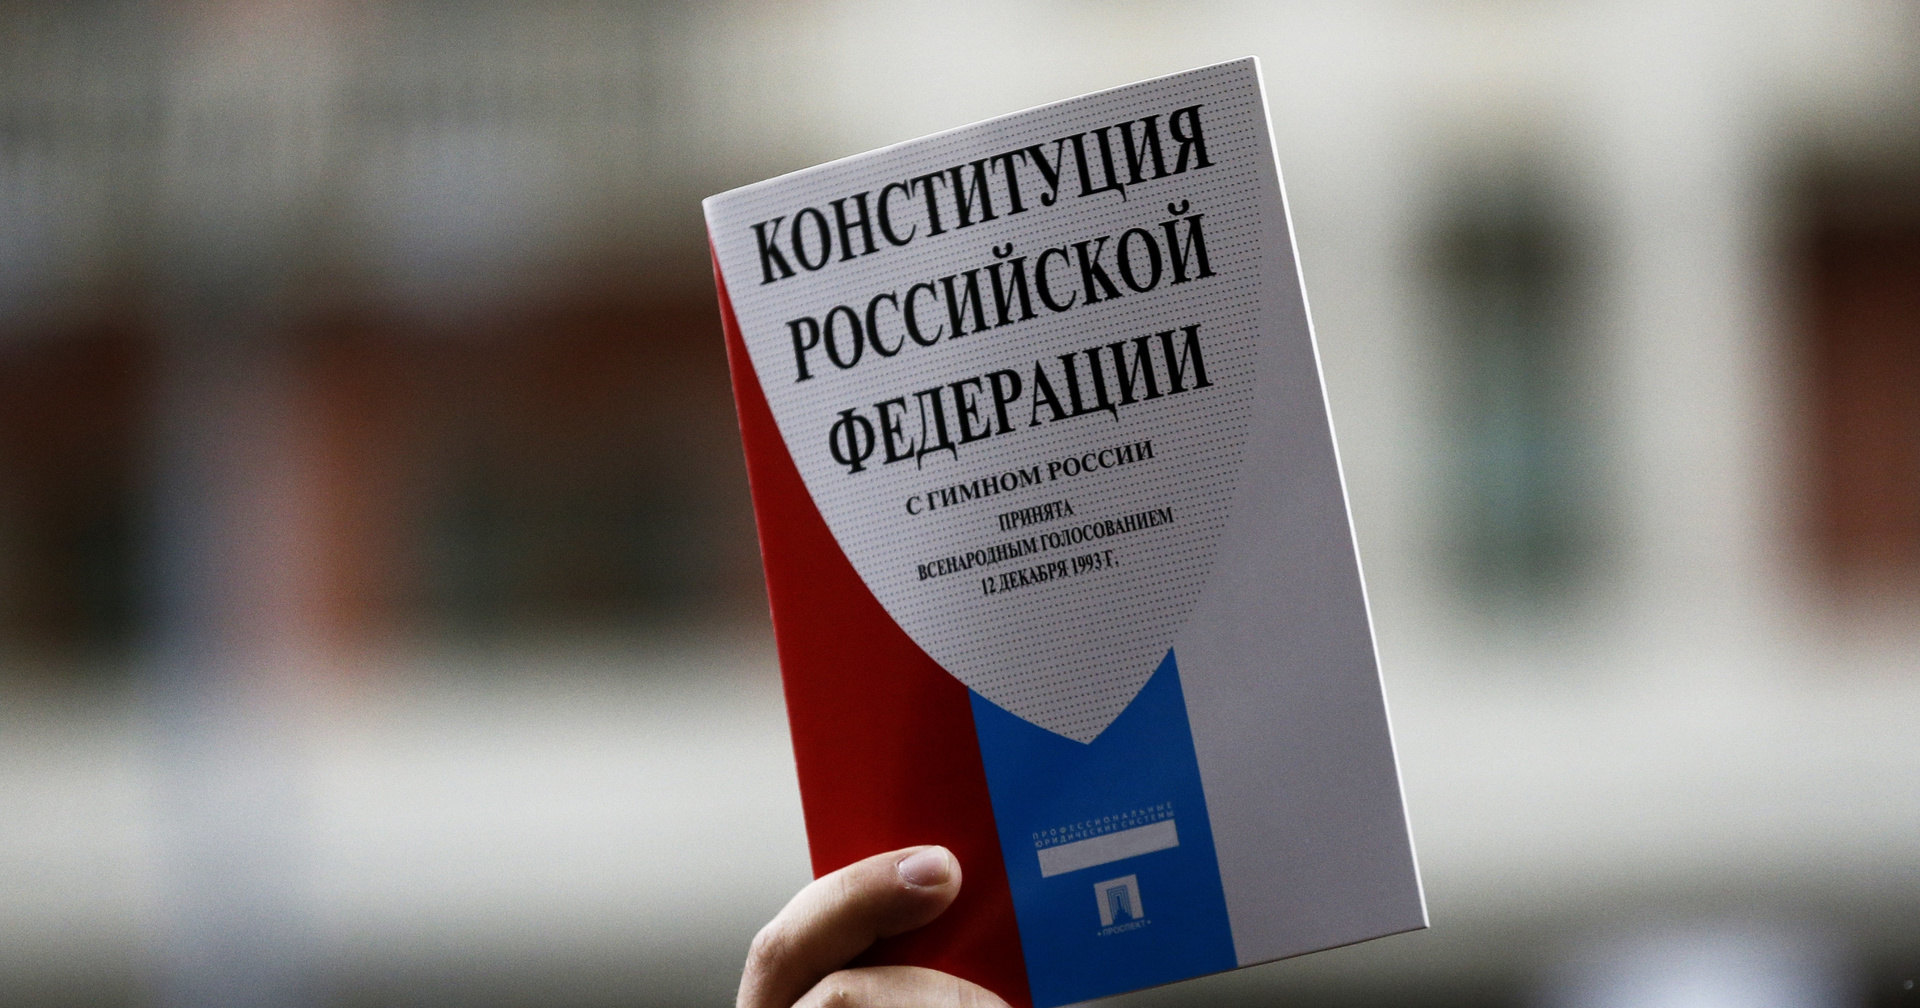 Из-за коронавируса поправки в Конституцию РФ могут отложить